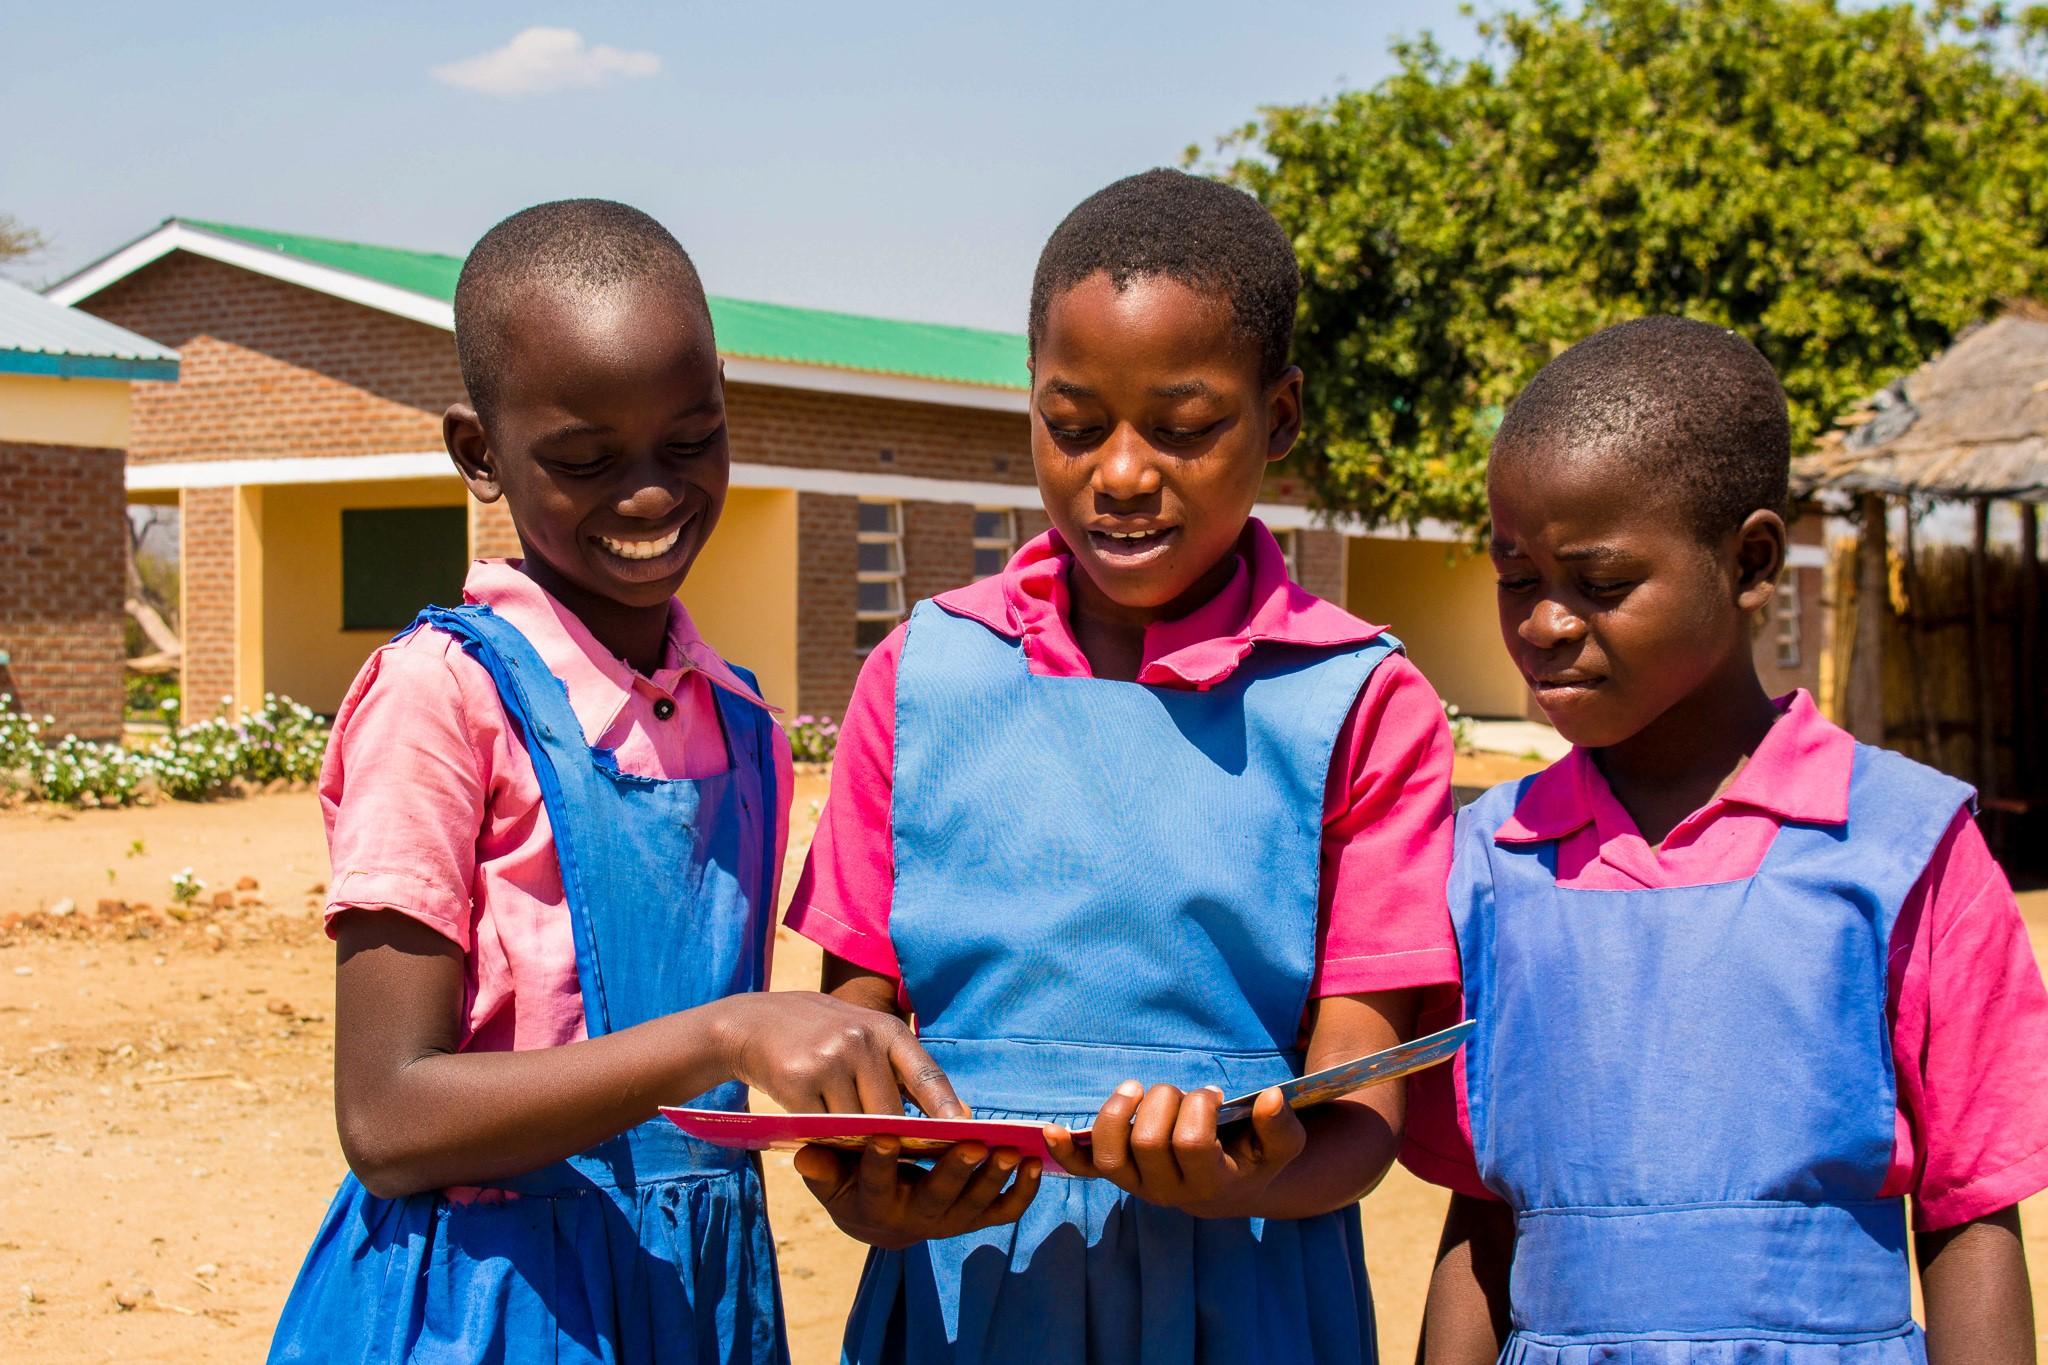 malawi children literacy resources